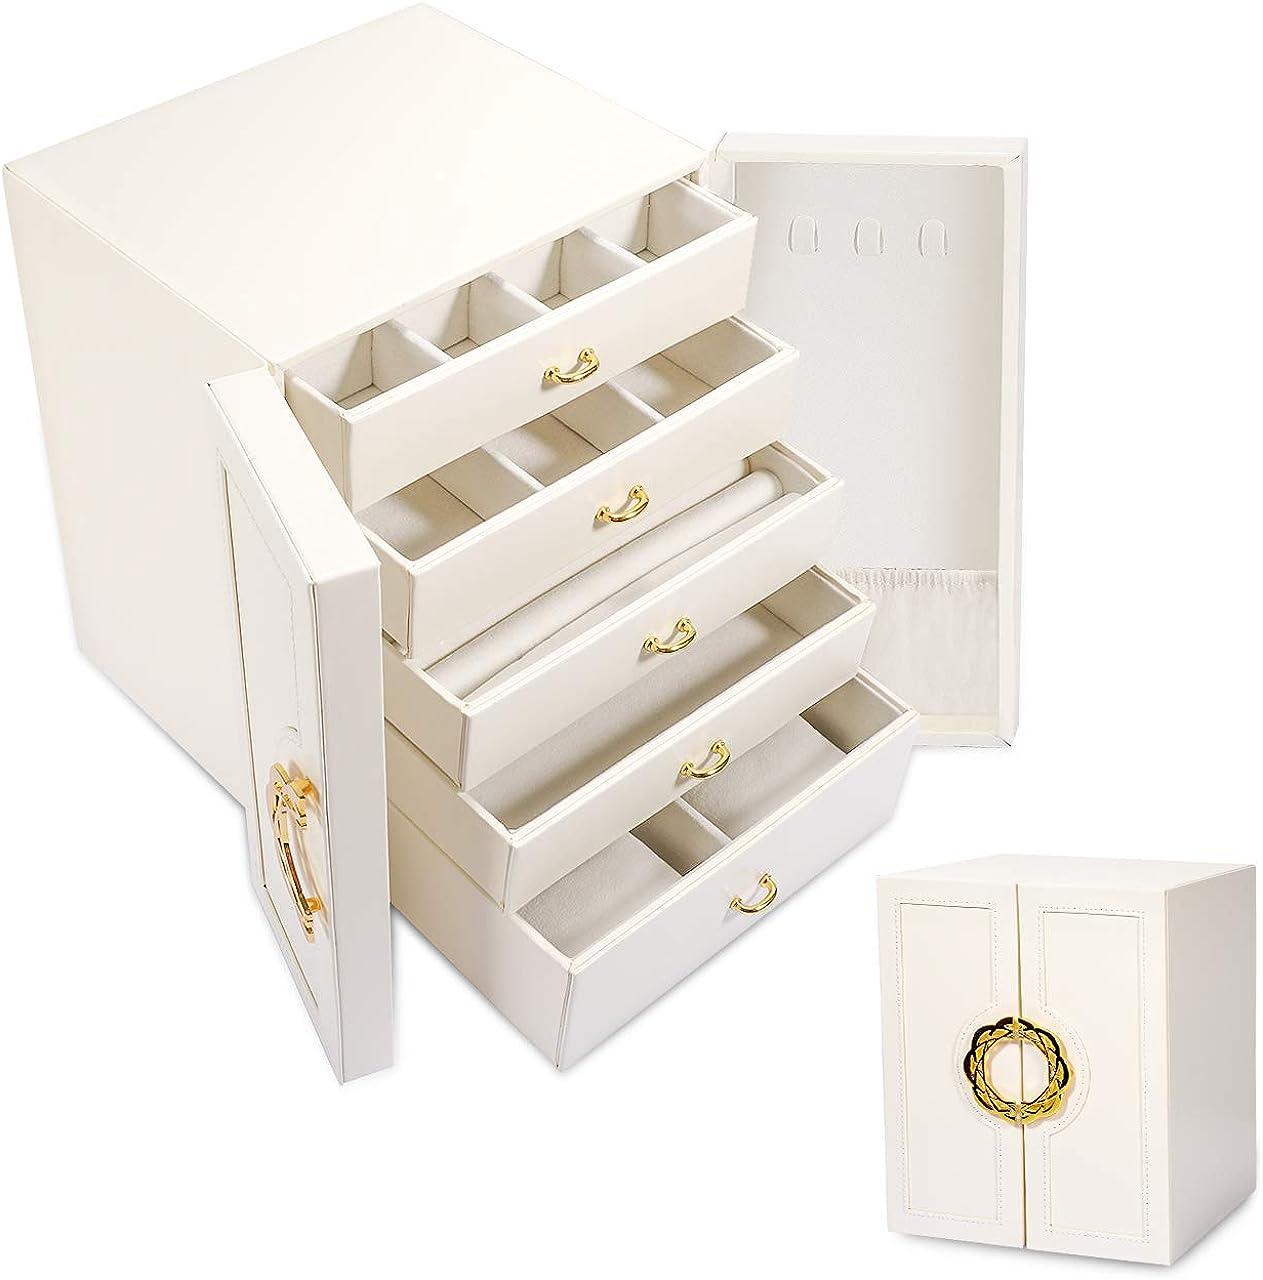 Gifort Caja Joyero, Caja de Joyas Grande Estuche Organizador de Joyas Doble Puerta con 5 Cajones para Anillos Pendientes Relojes, Regalo para Niñas Mujeres